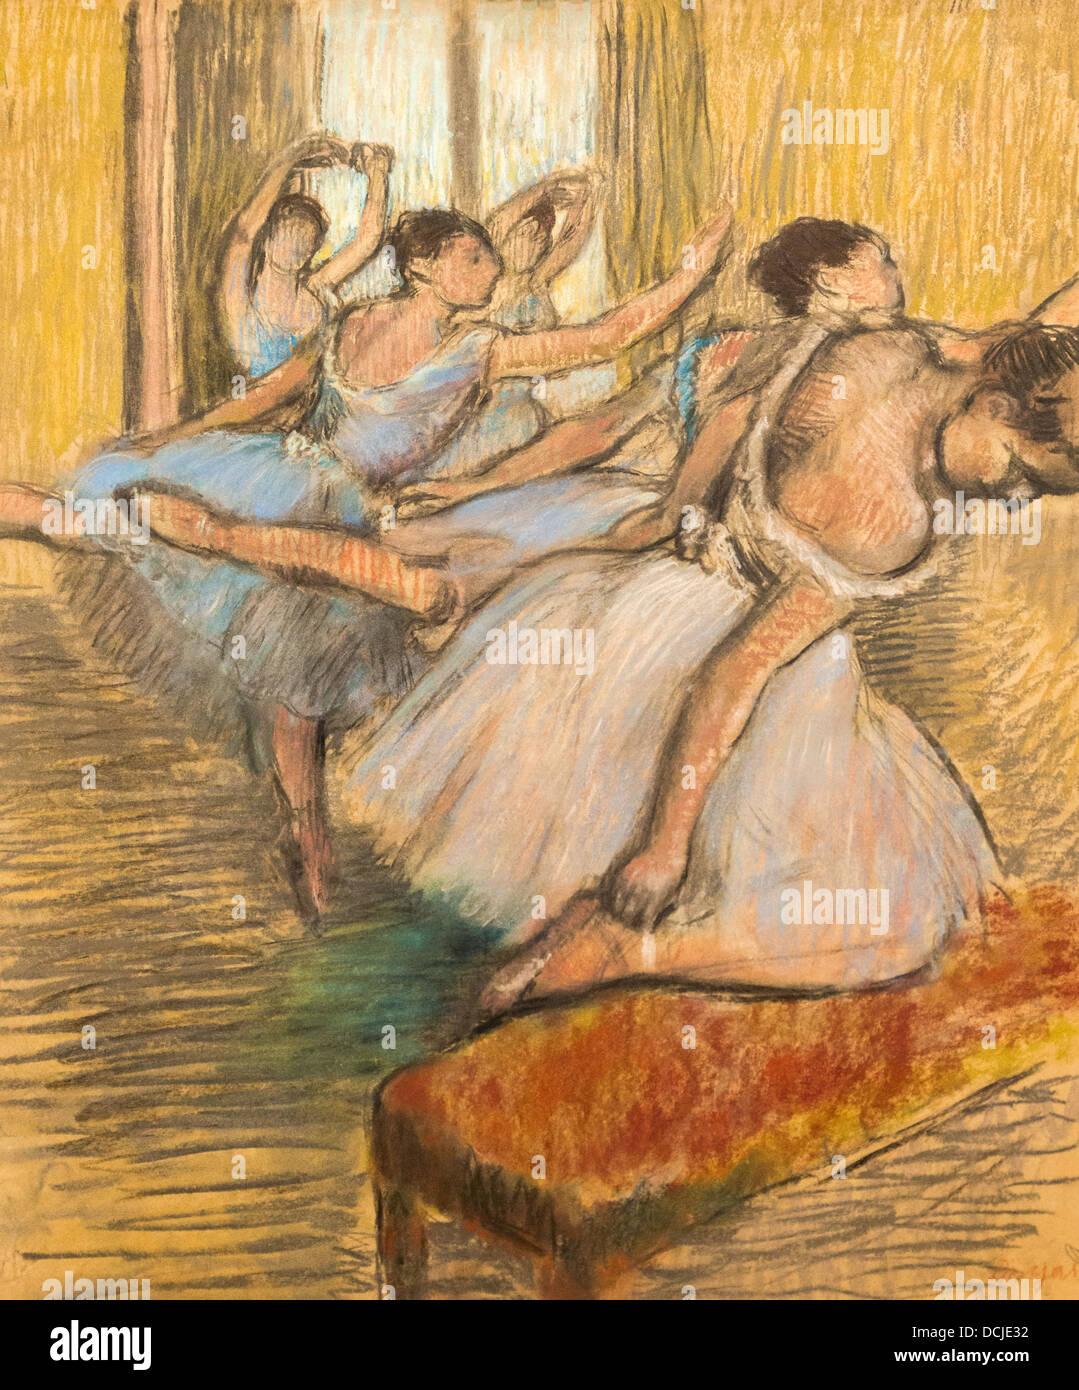 20e siècle - les danseurs, 1900 - Edgar Degas Philippe Sauvan-Magnet / Active Museum Photo Stock